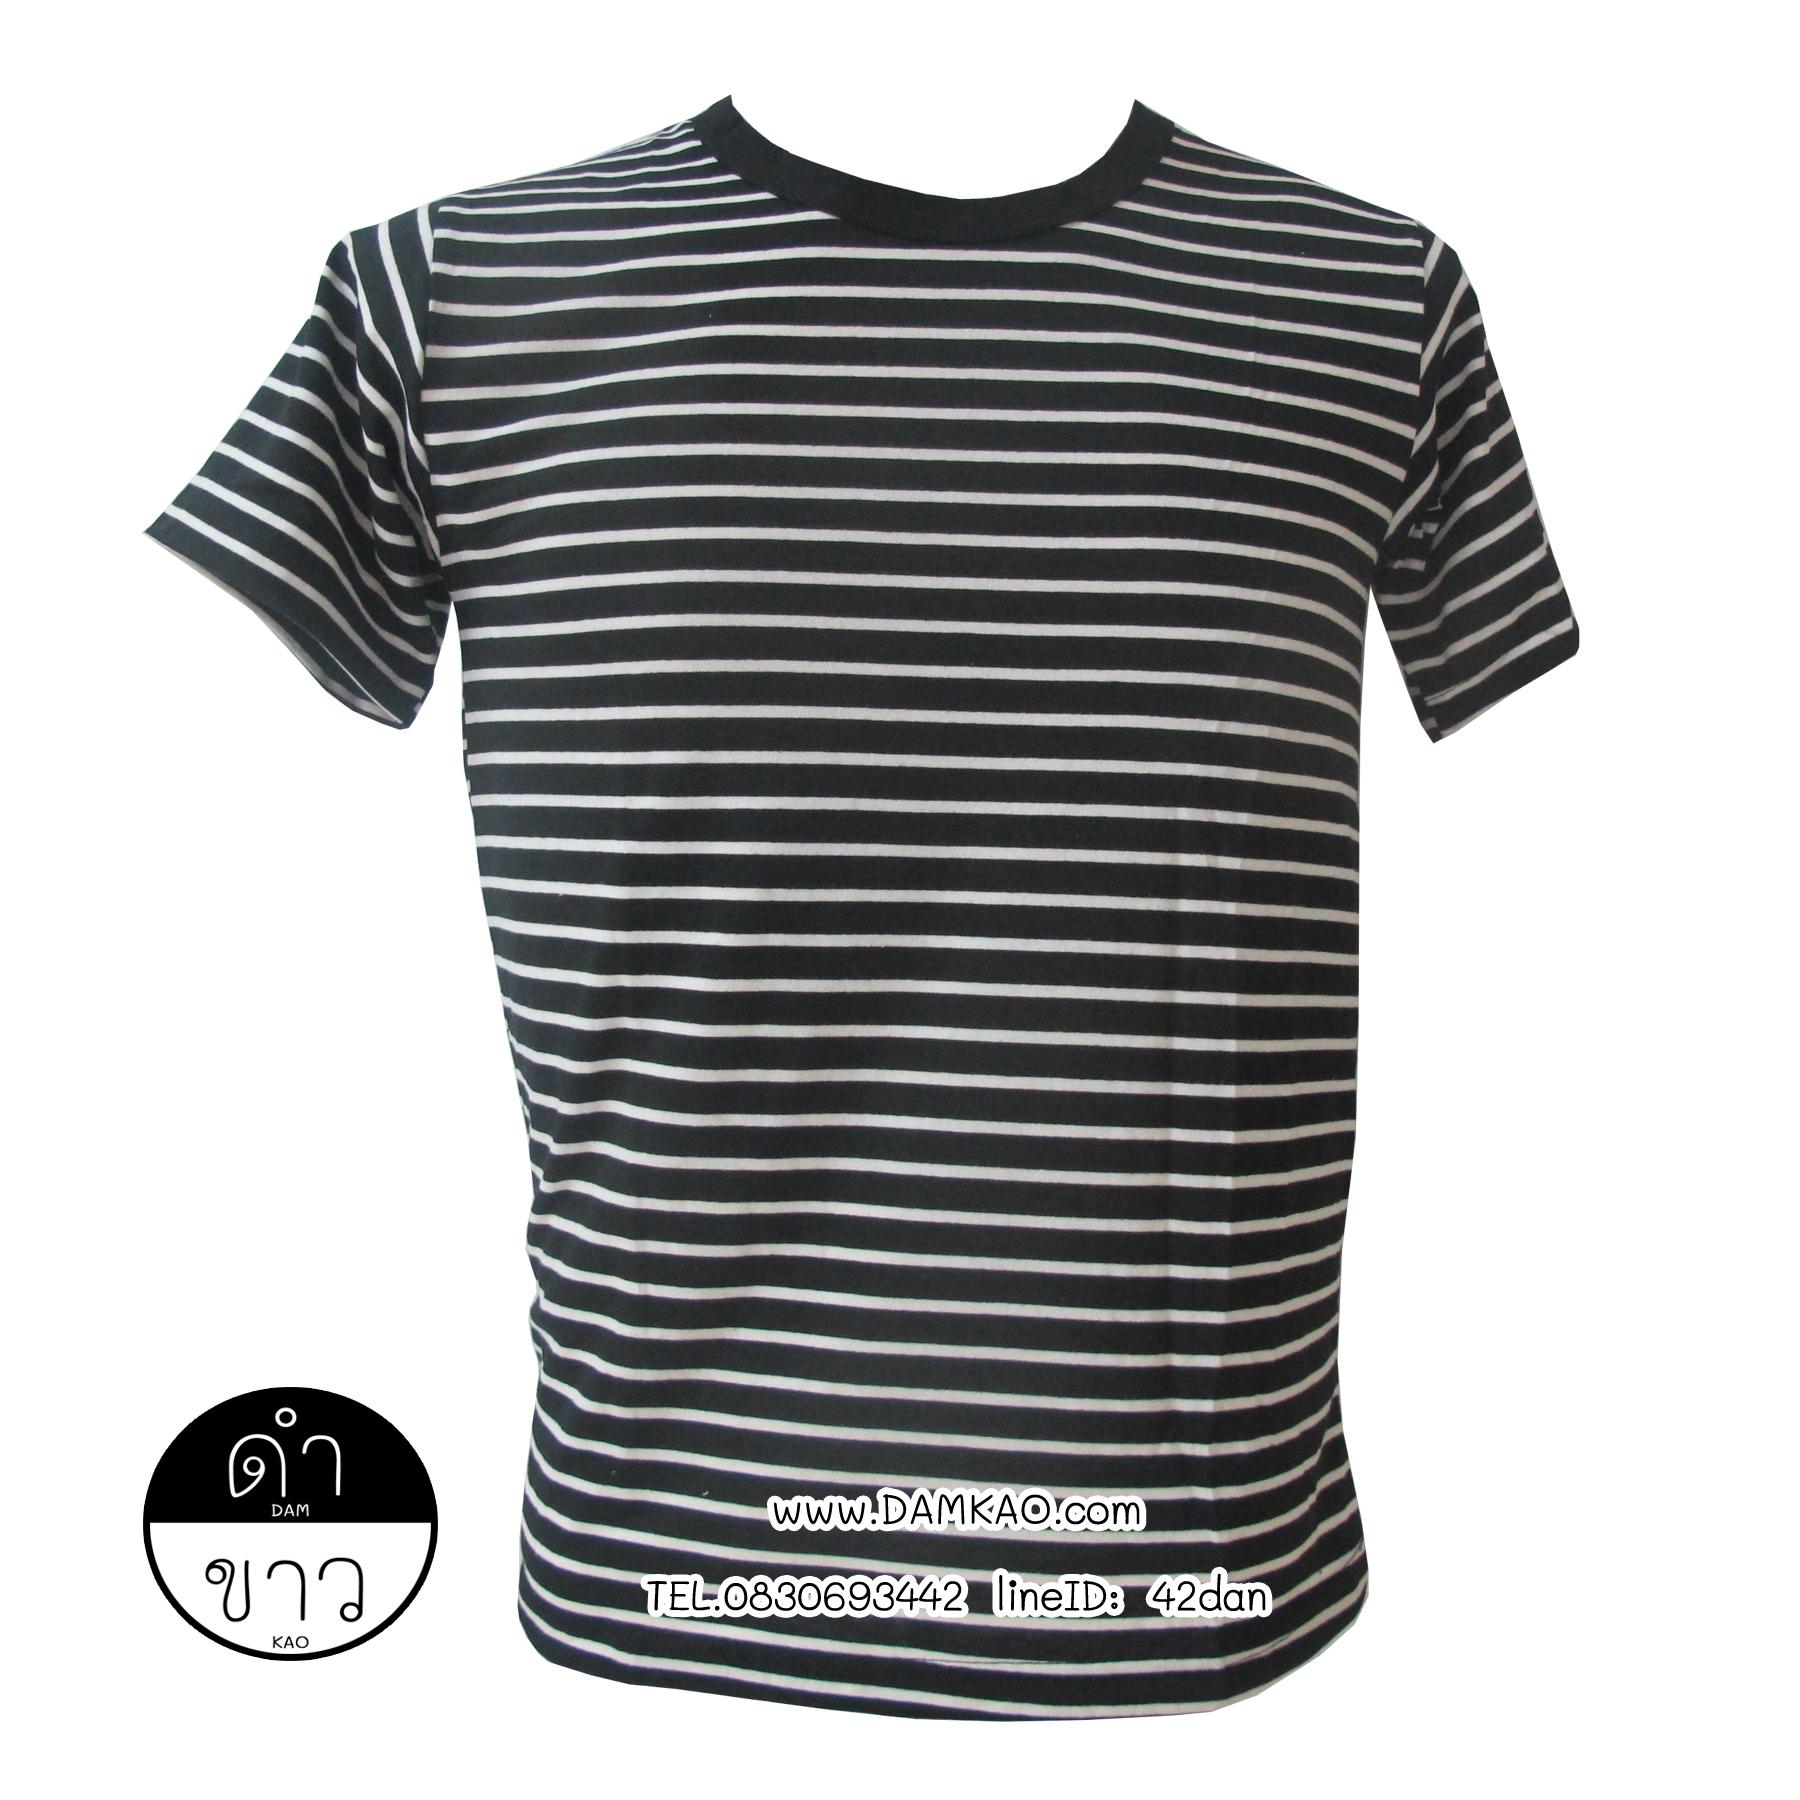 เสื้อยืดลายทาง ขาวดำ 01